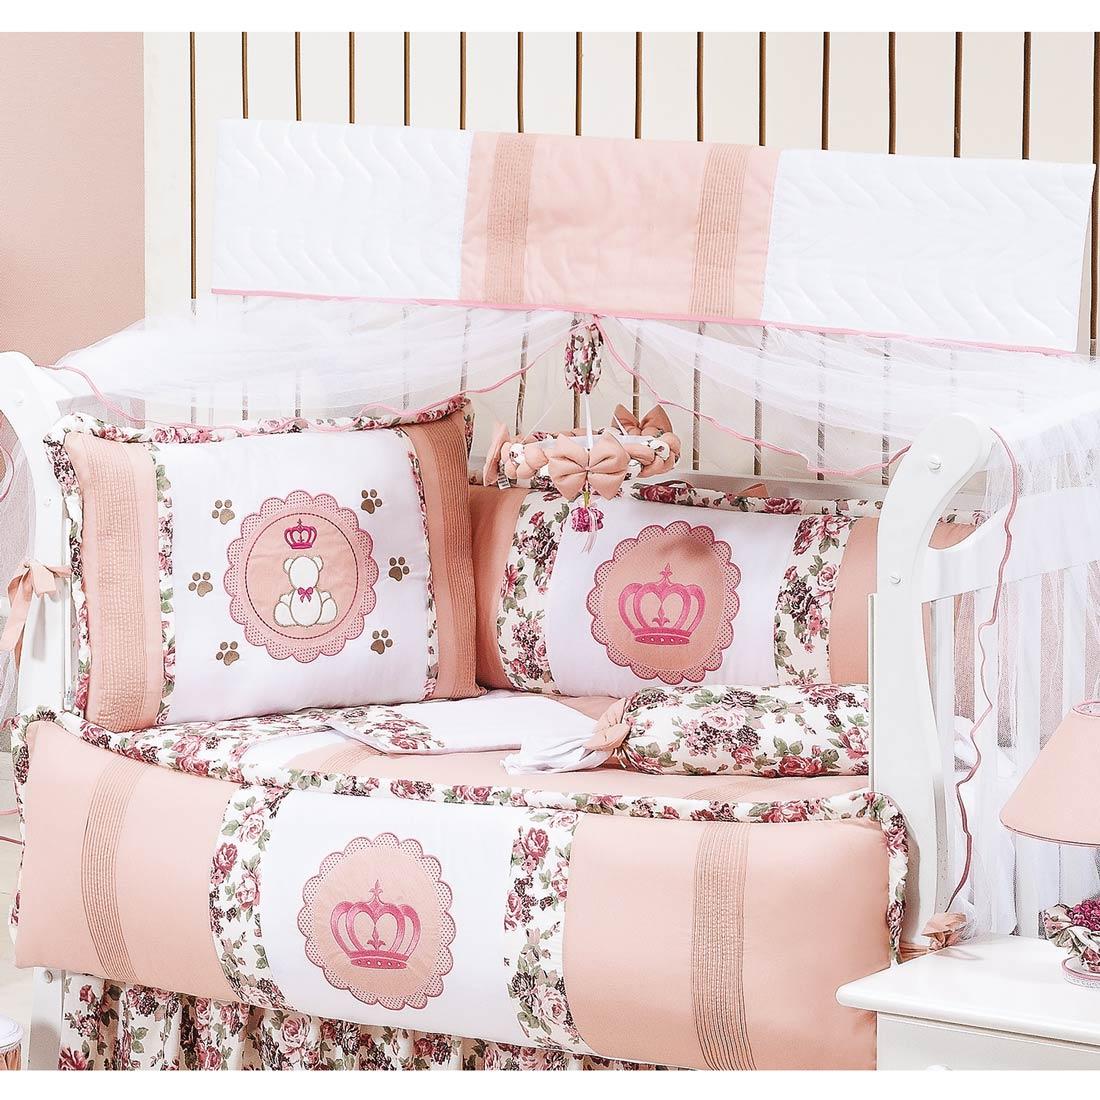 Kit Berço 9 Peças Americano c/ Mosquiteiro - Coleção Princesa Baby - 100% Algodão